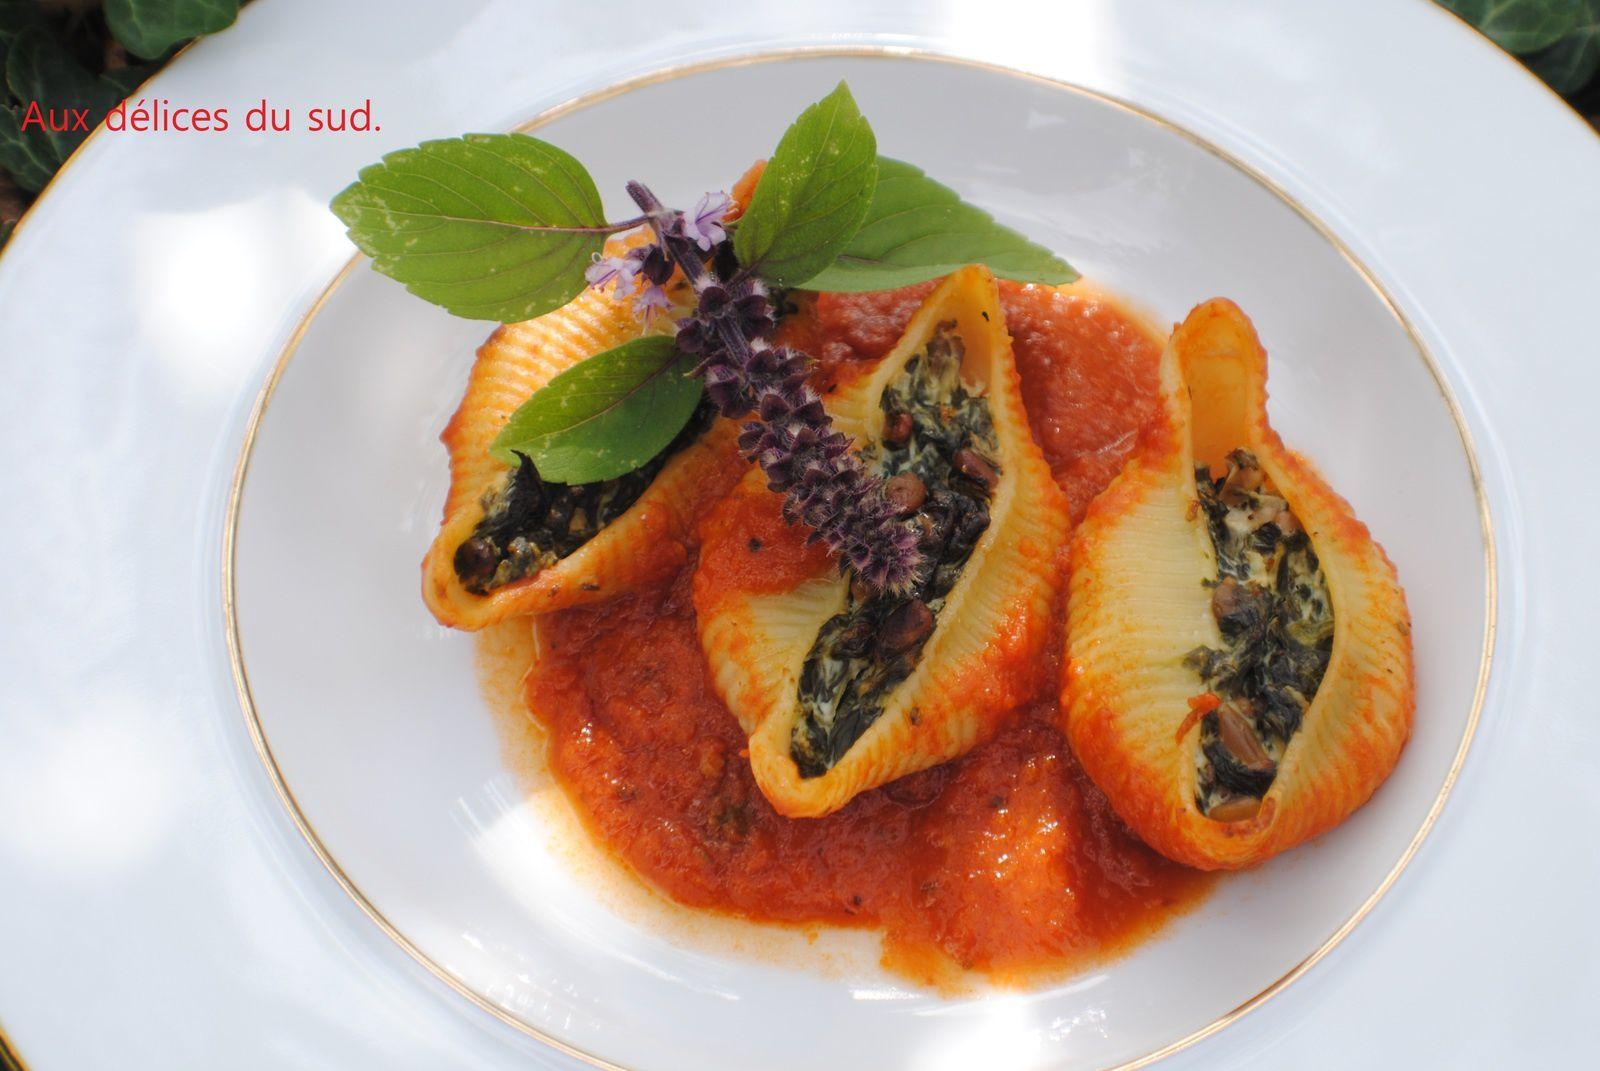 Conchiglionis farcis aux épinards , ricota et graines de tournesol .